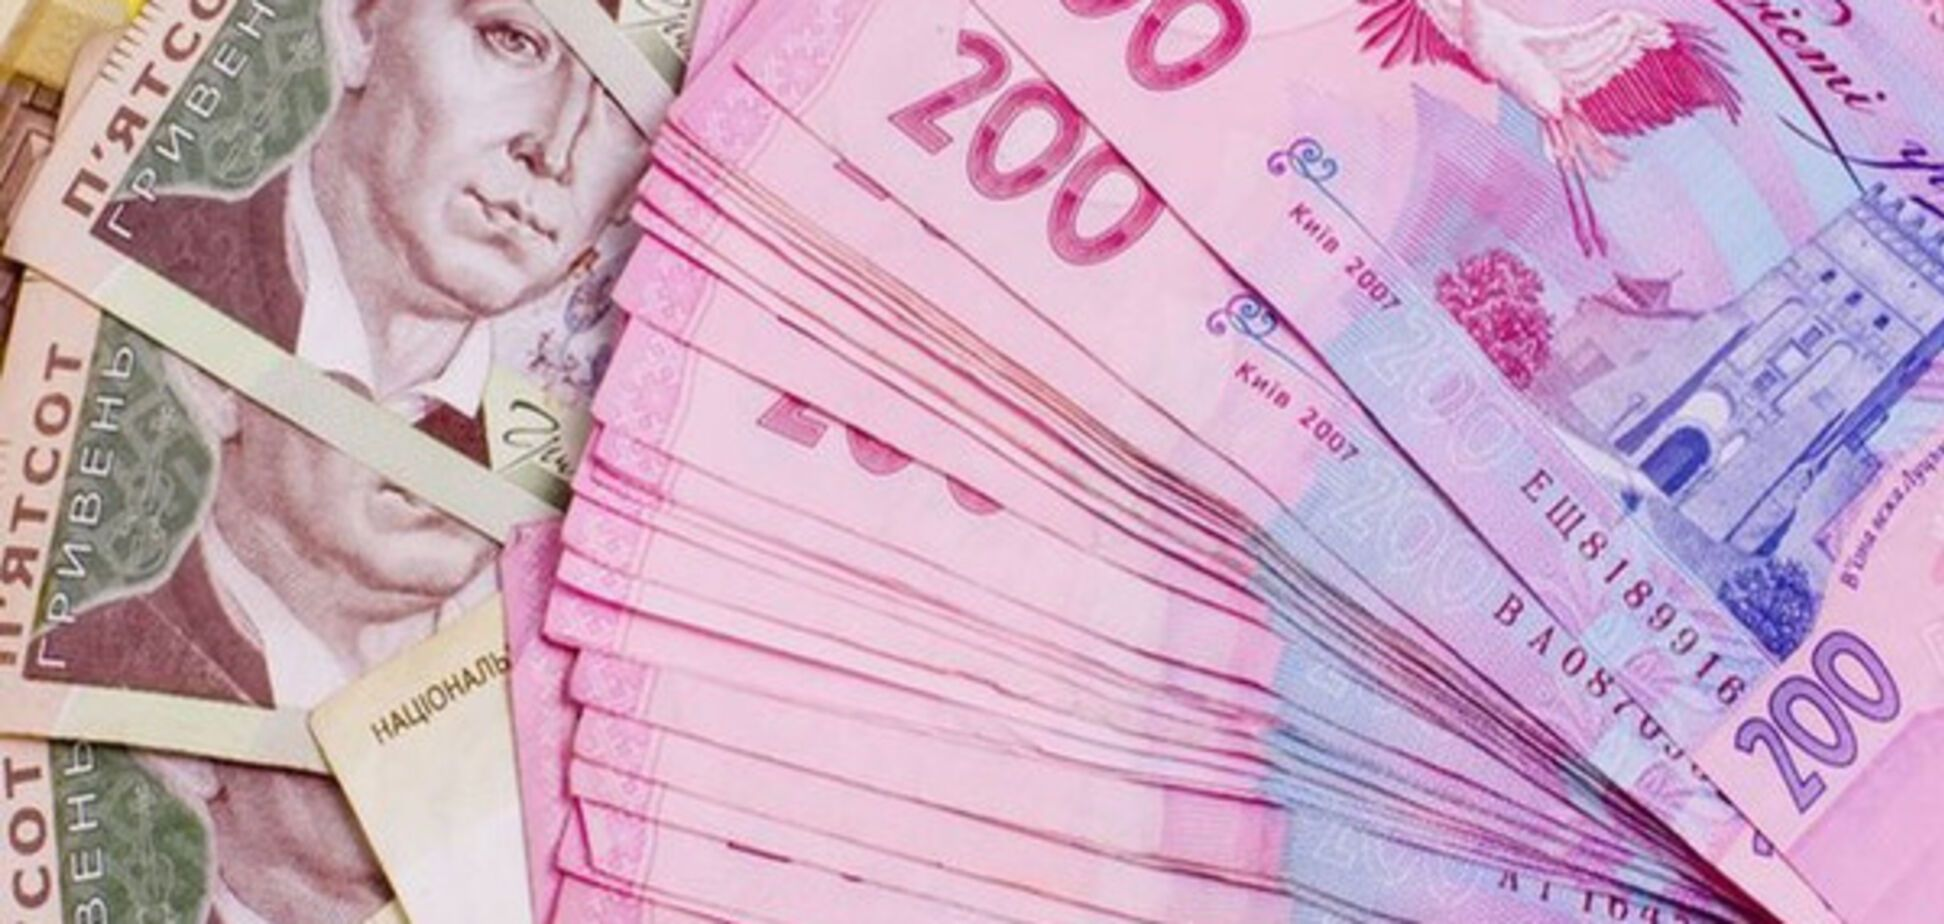 100 нардепов компенсировали свои затраты на зарубежные поездки